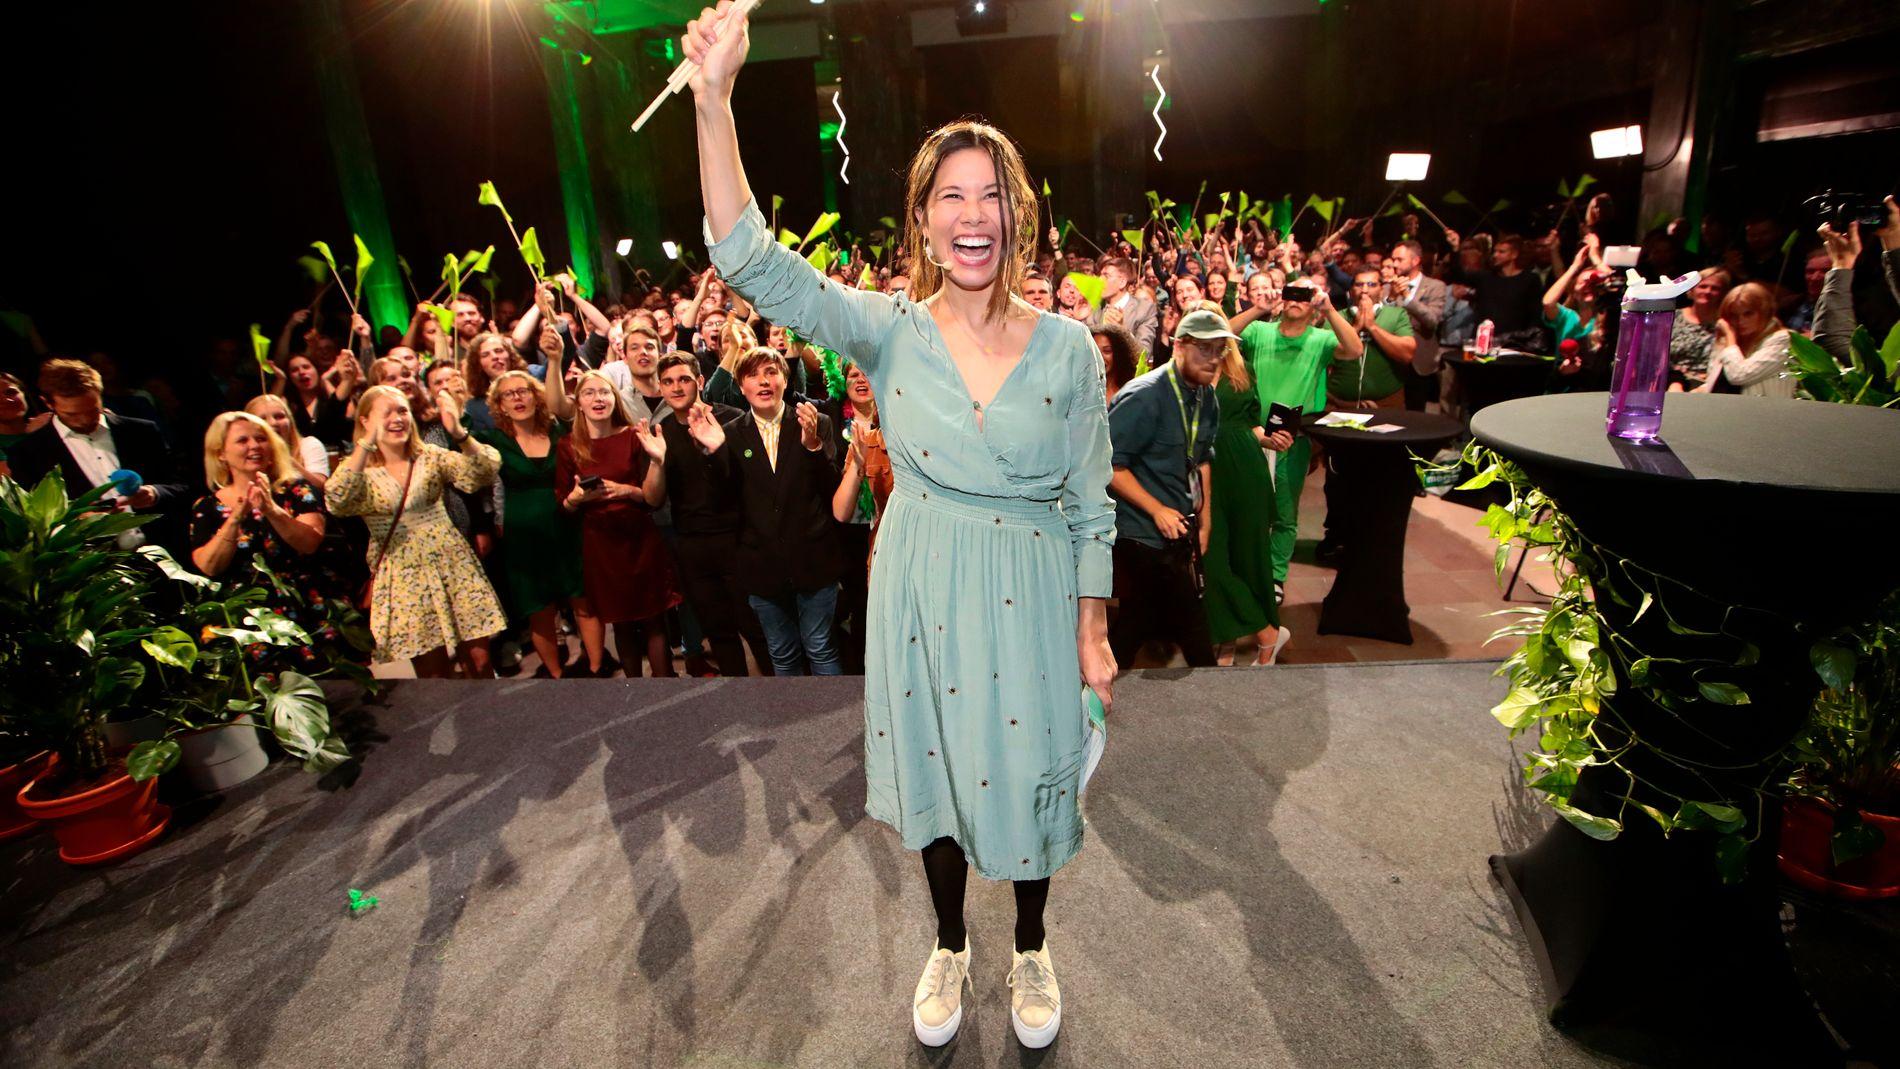 DYR I DRIFT? Lan Marie Berg og Miljøpartiet De Grønne (MDG) var de store vinnerne i Oslo, og fikk også et nasjonalt gjennombrudd. Hva har det å si for den offentlige pengebruken?